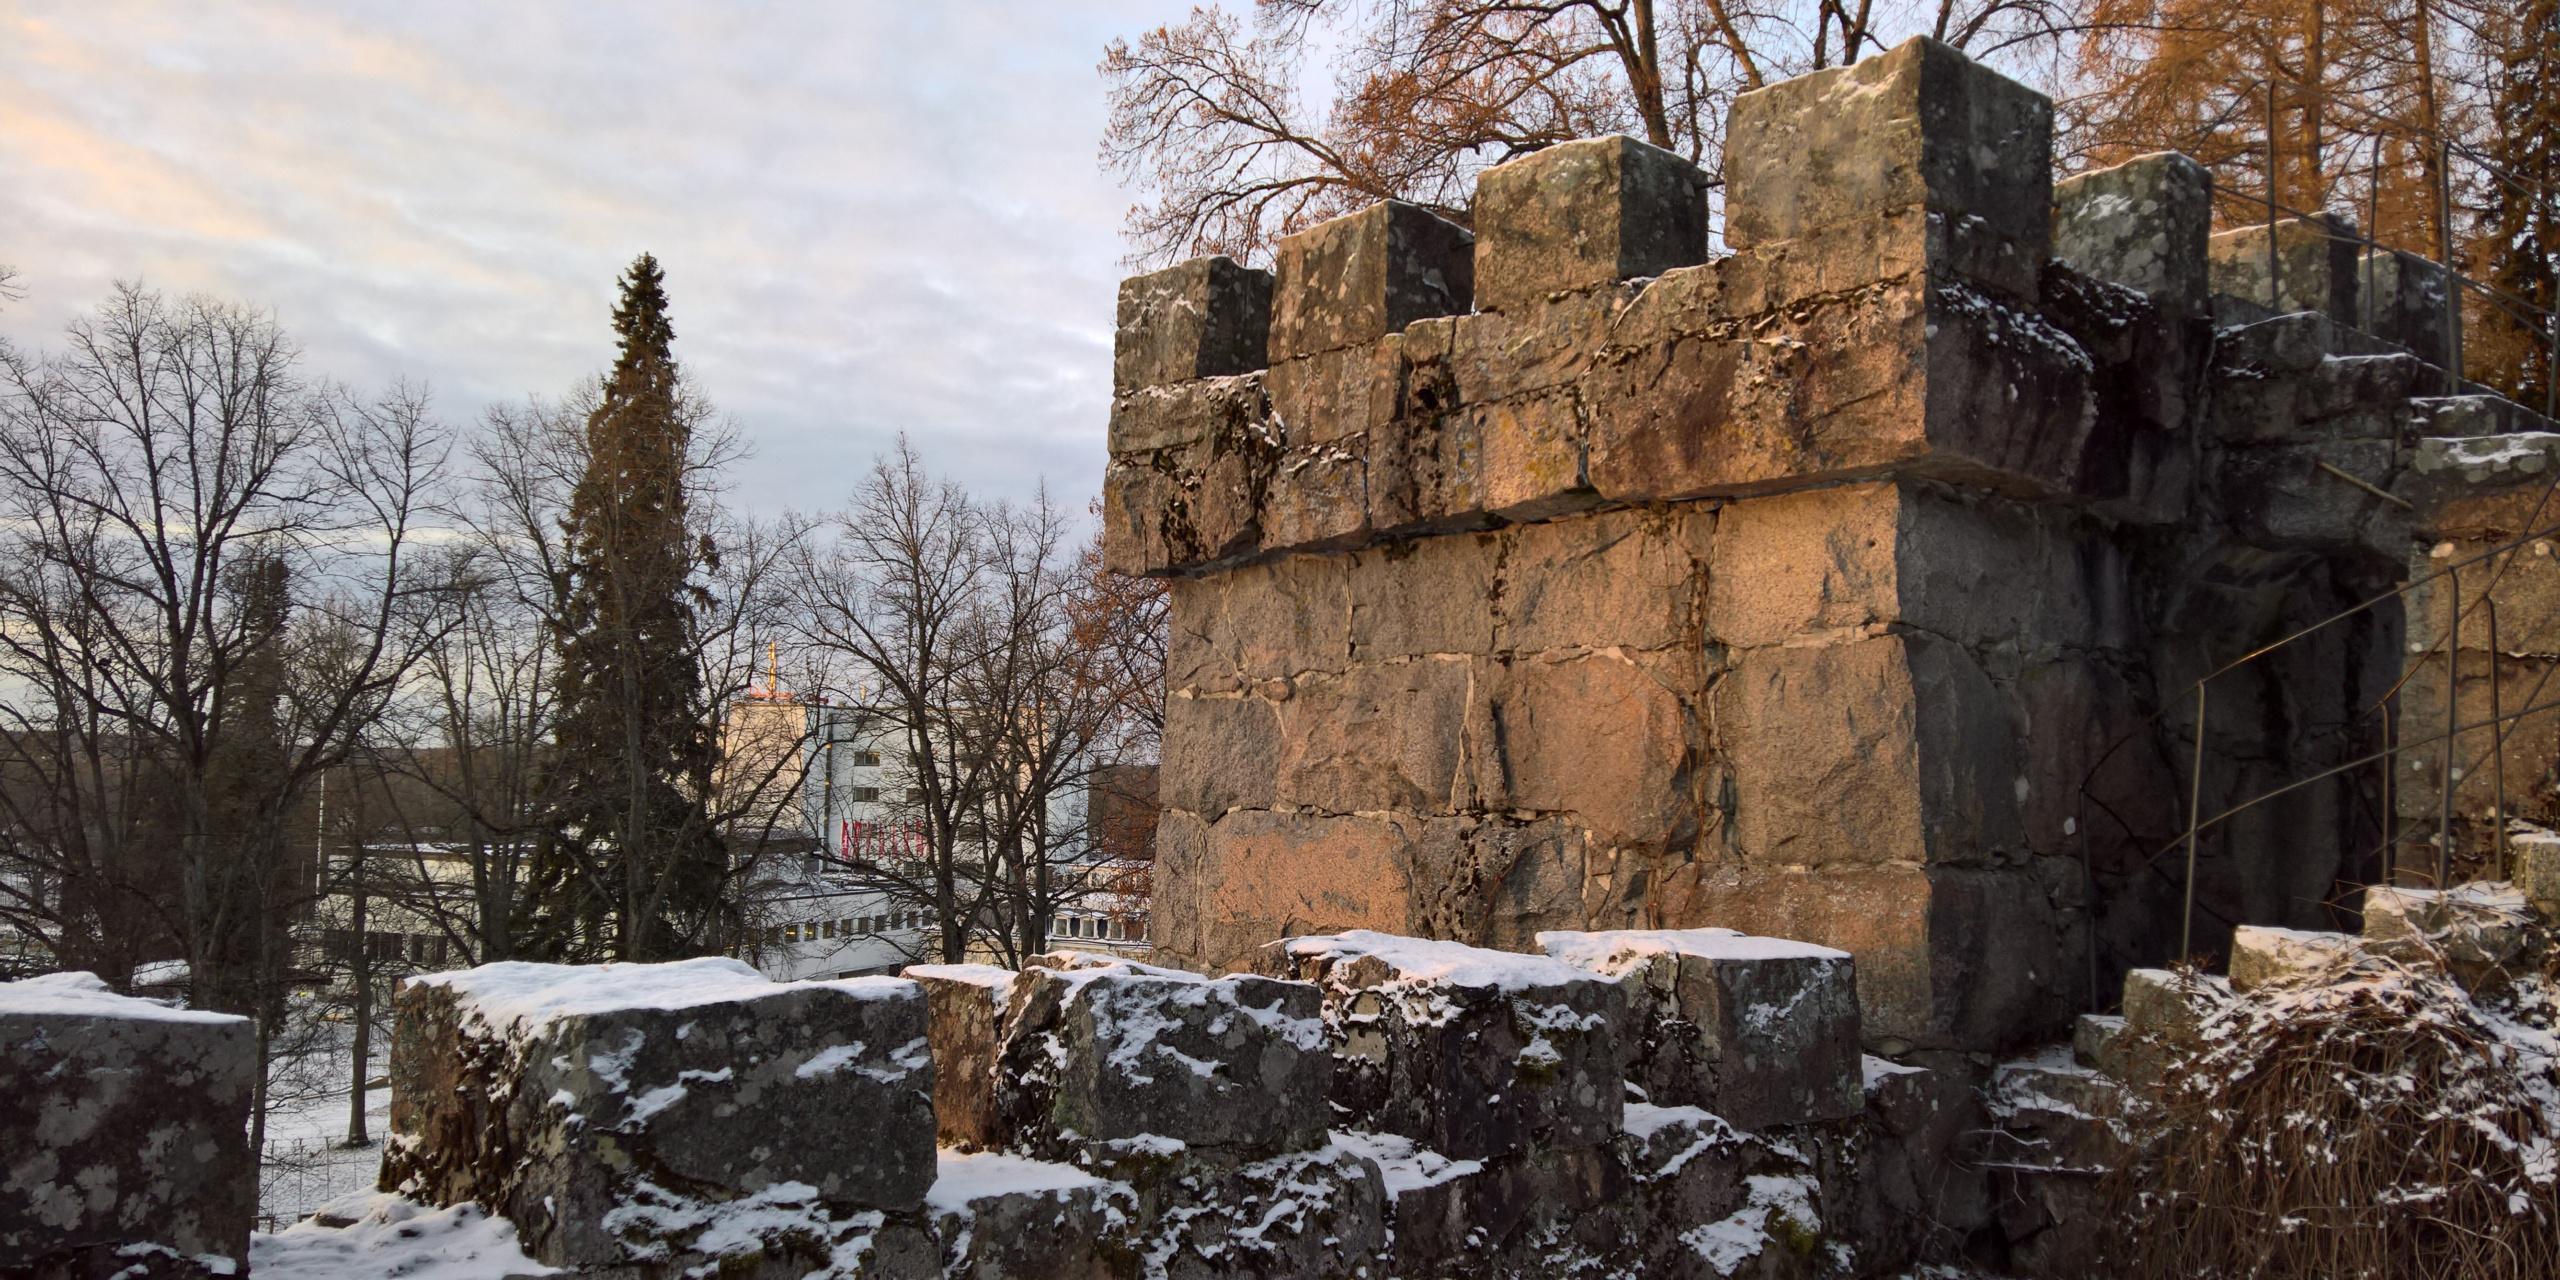 Talvinen kuva vähän punertavassa ilta-auringossa, hiukan lunta maassa. Etualalla Aulangon vanhan graniittilinnan jyhkeä harmaakivinen torni ja taustalla kauempana puiden oksien takana siintää Aulangon valkoiset hotellirakennukset.